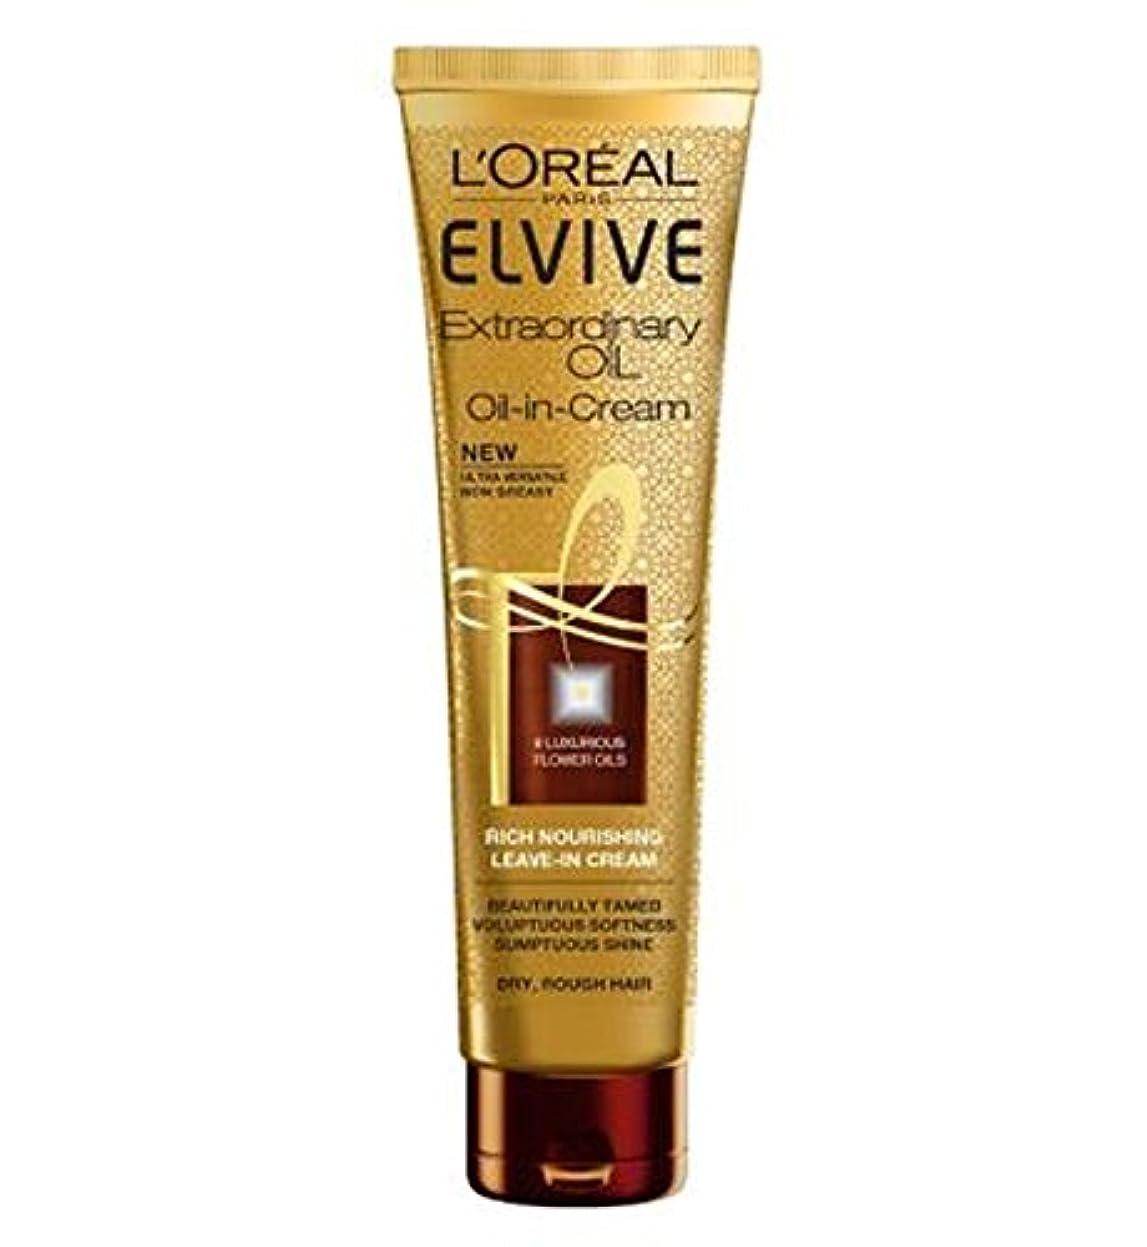 水分リファインデータムL'Oreal Paris Elvive Extraordinary Oil in Cream Dry Hair - クリーム乾いた髪でロレアルパリElvive臨時オイル (L'Oreal) [並行輸入品]